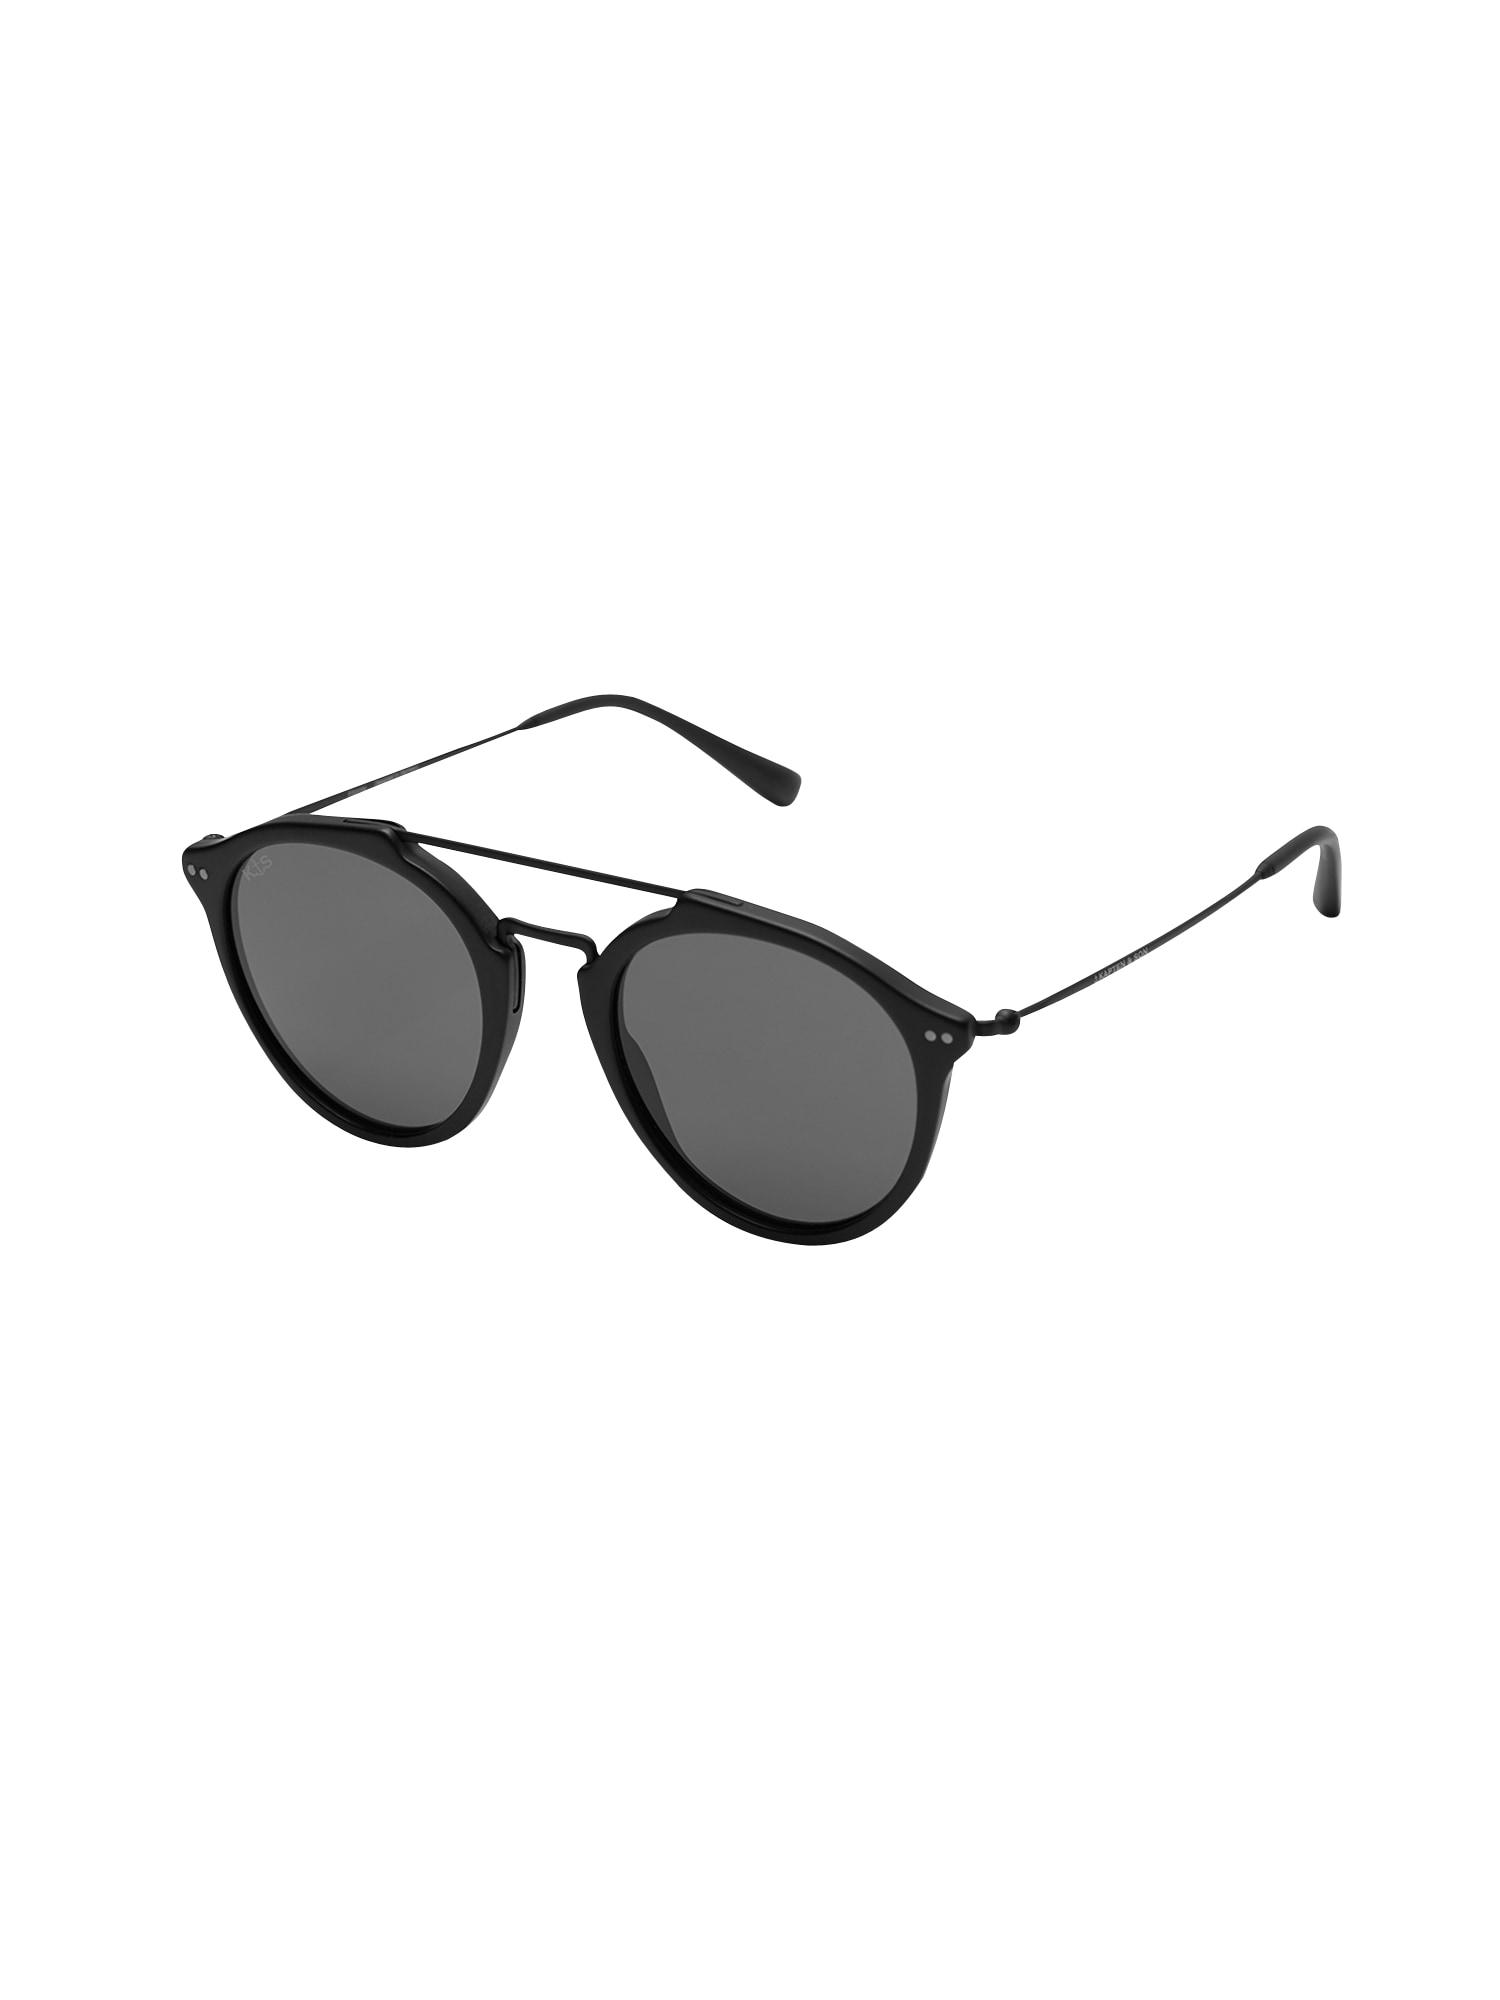 Sluneční brýle Fitzroy černá Kapten & Son